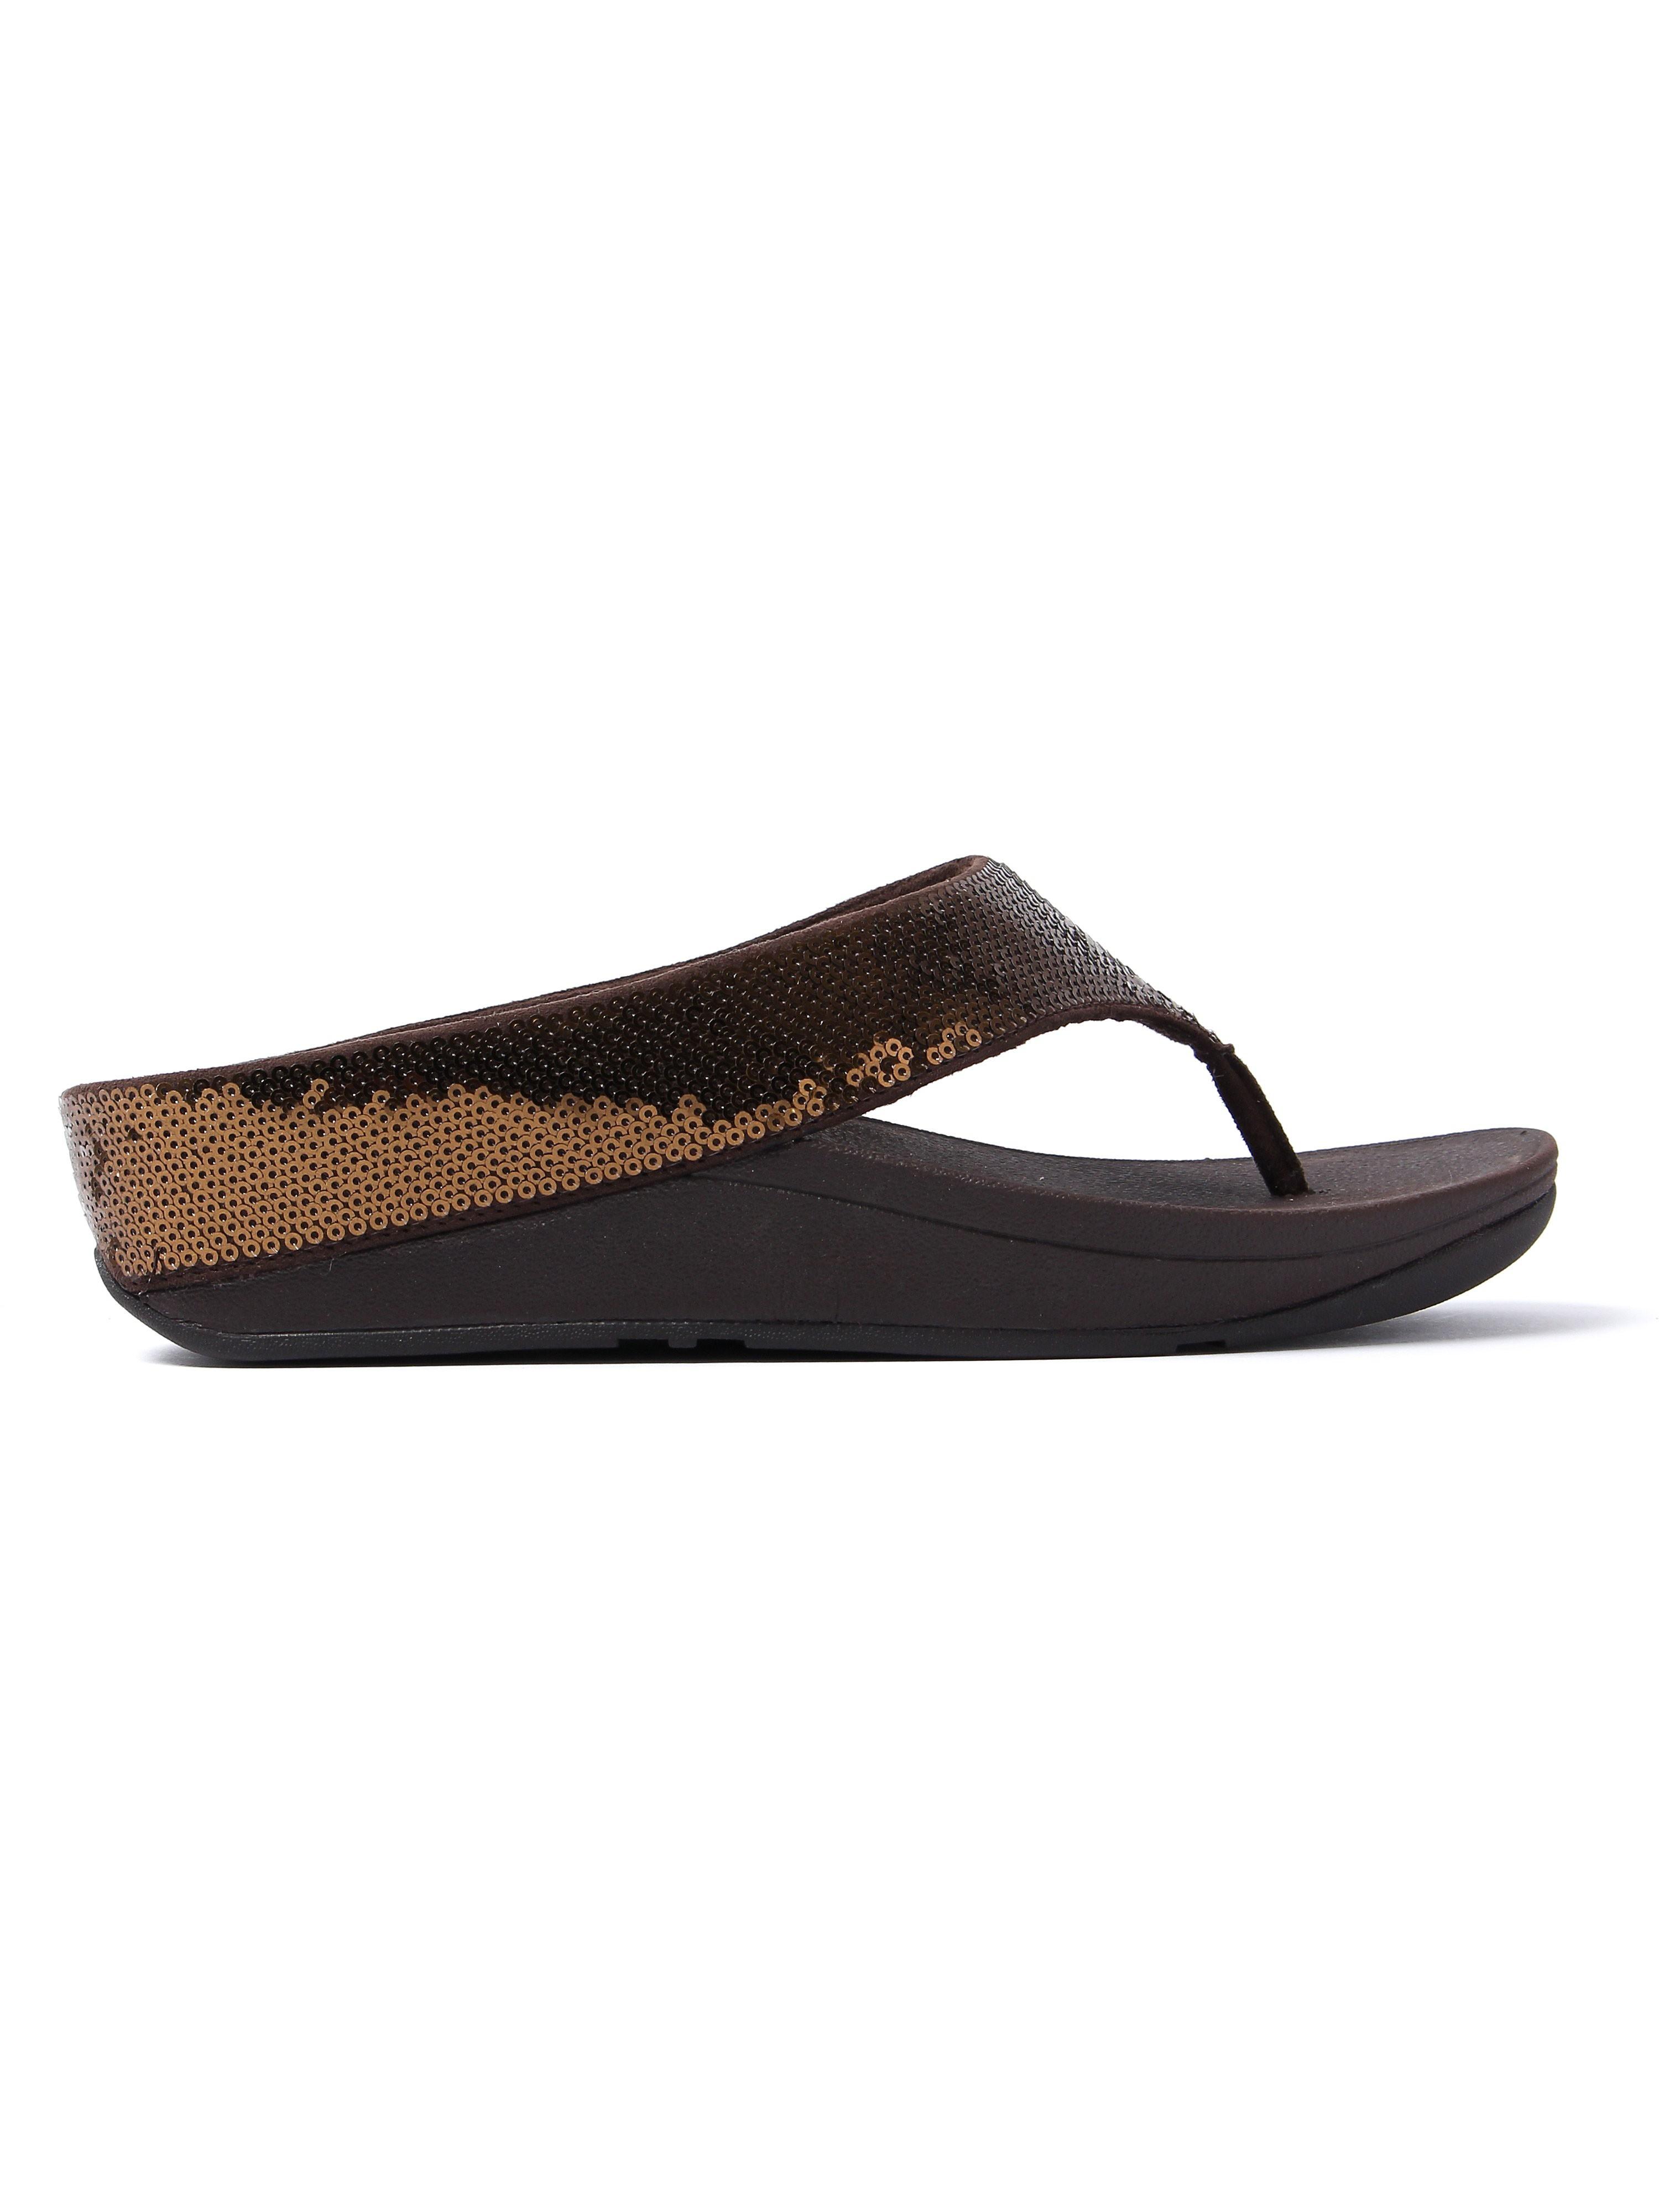 FitFlop Women's Ringer Sequin Sandals - Bronze